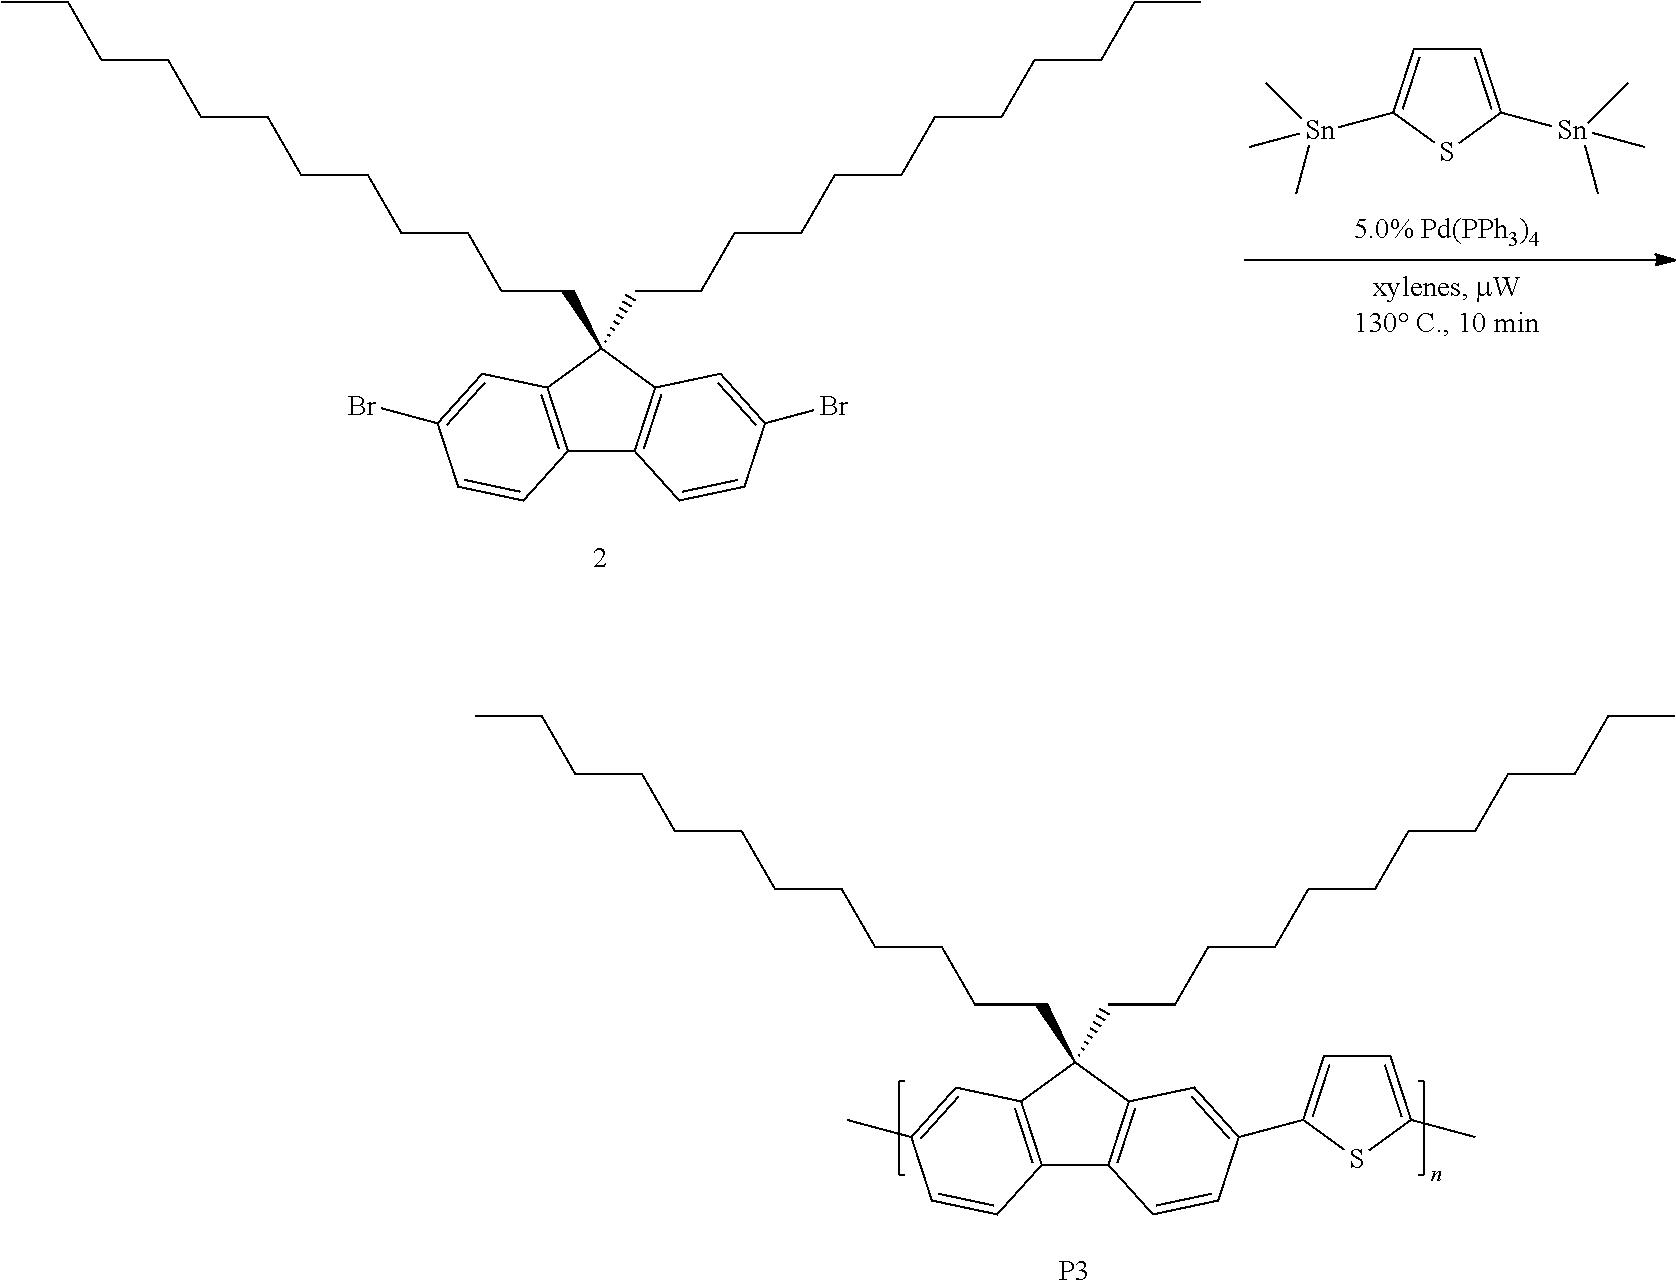 Figure US20200095371A1-20200326-C00006